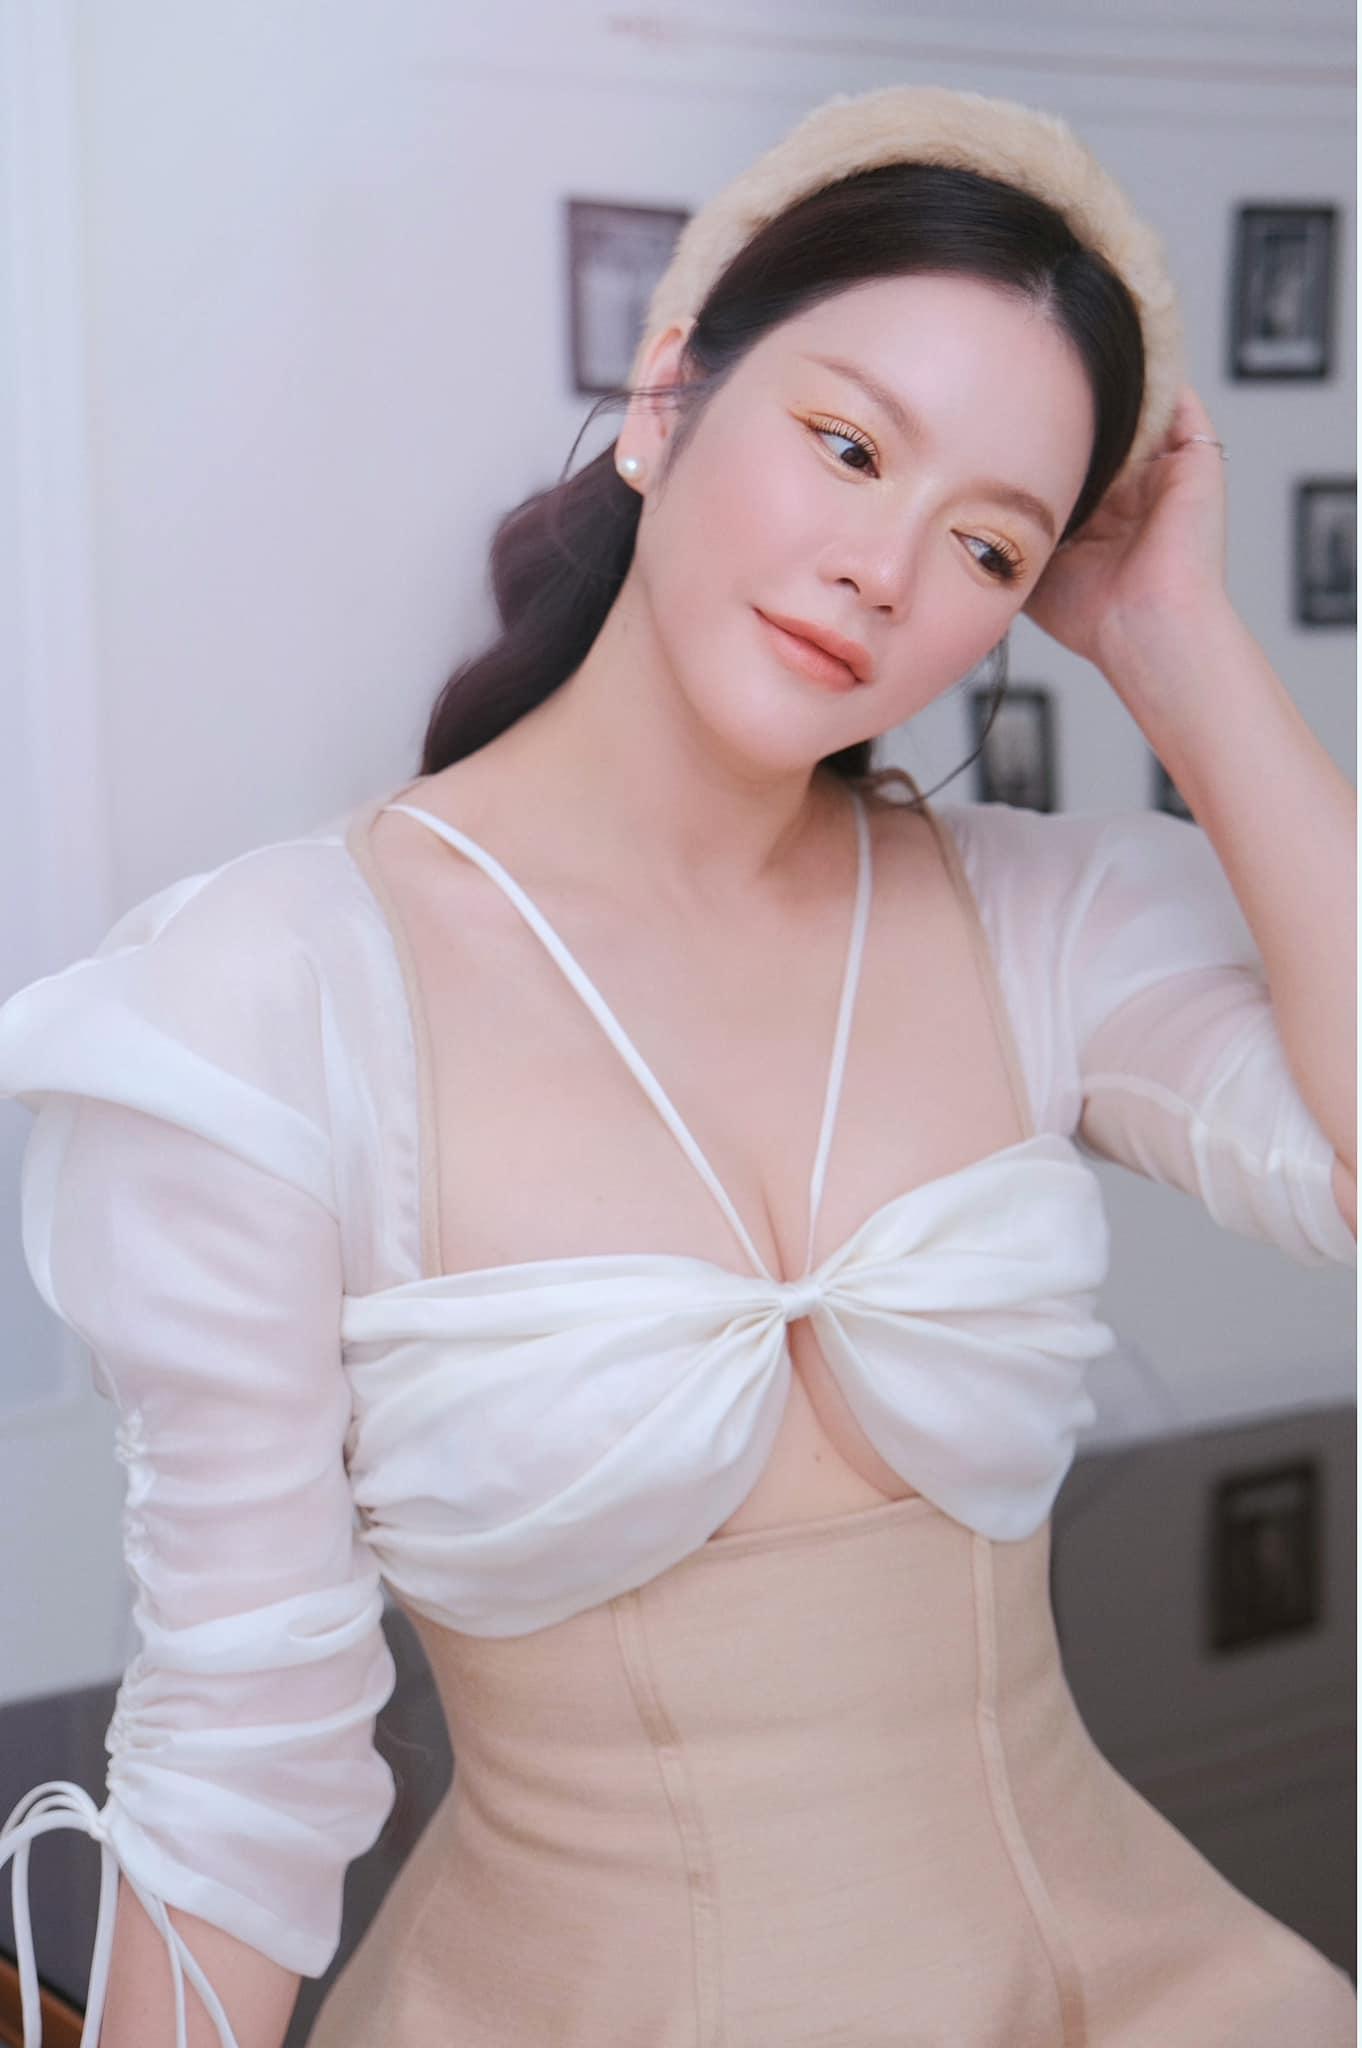 Diễm Hương gợi cảm hút mắt khi ở nhà, Chi Pu dẫn đầu top sao mặc đẹp tuần qua - Ảnh 12.